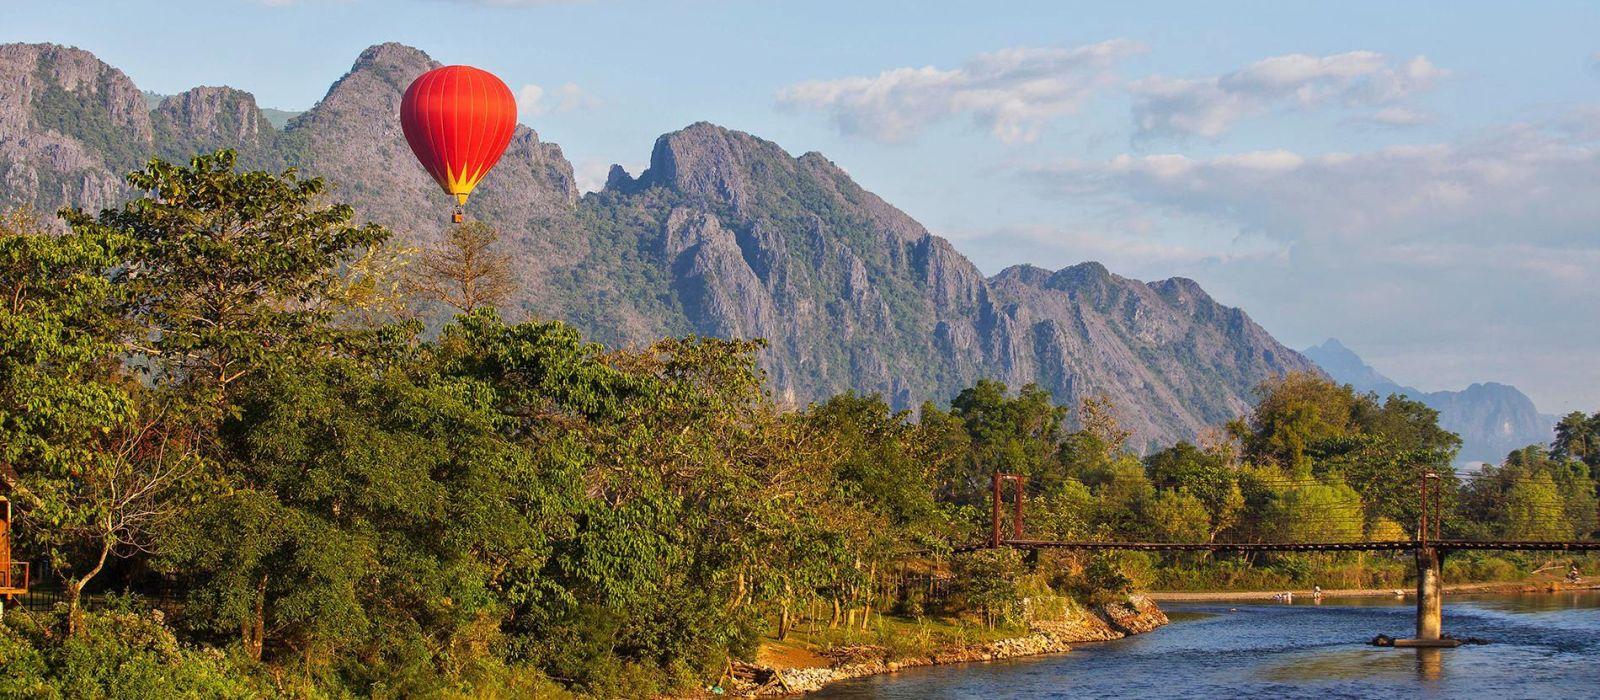 Laos unentdeckte Facetten Urlaub 9